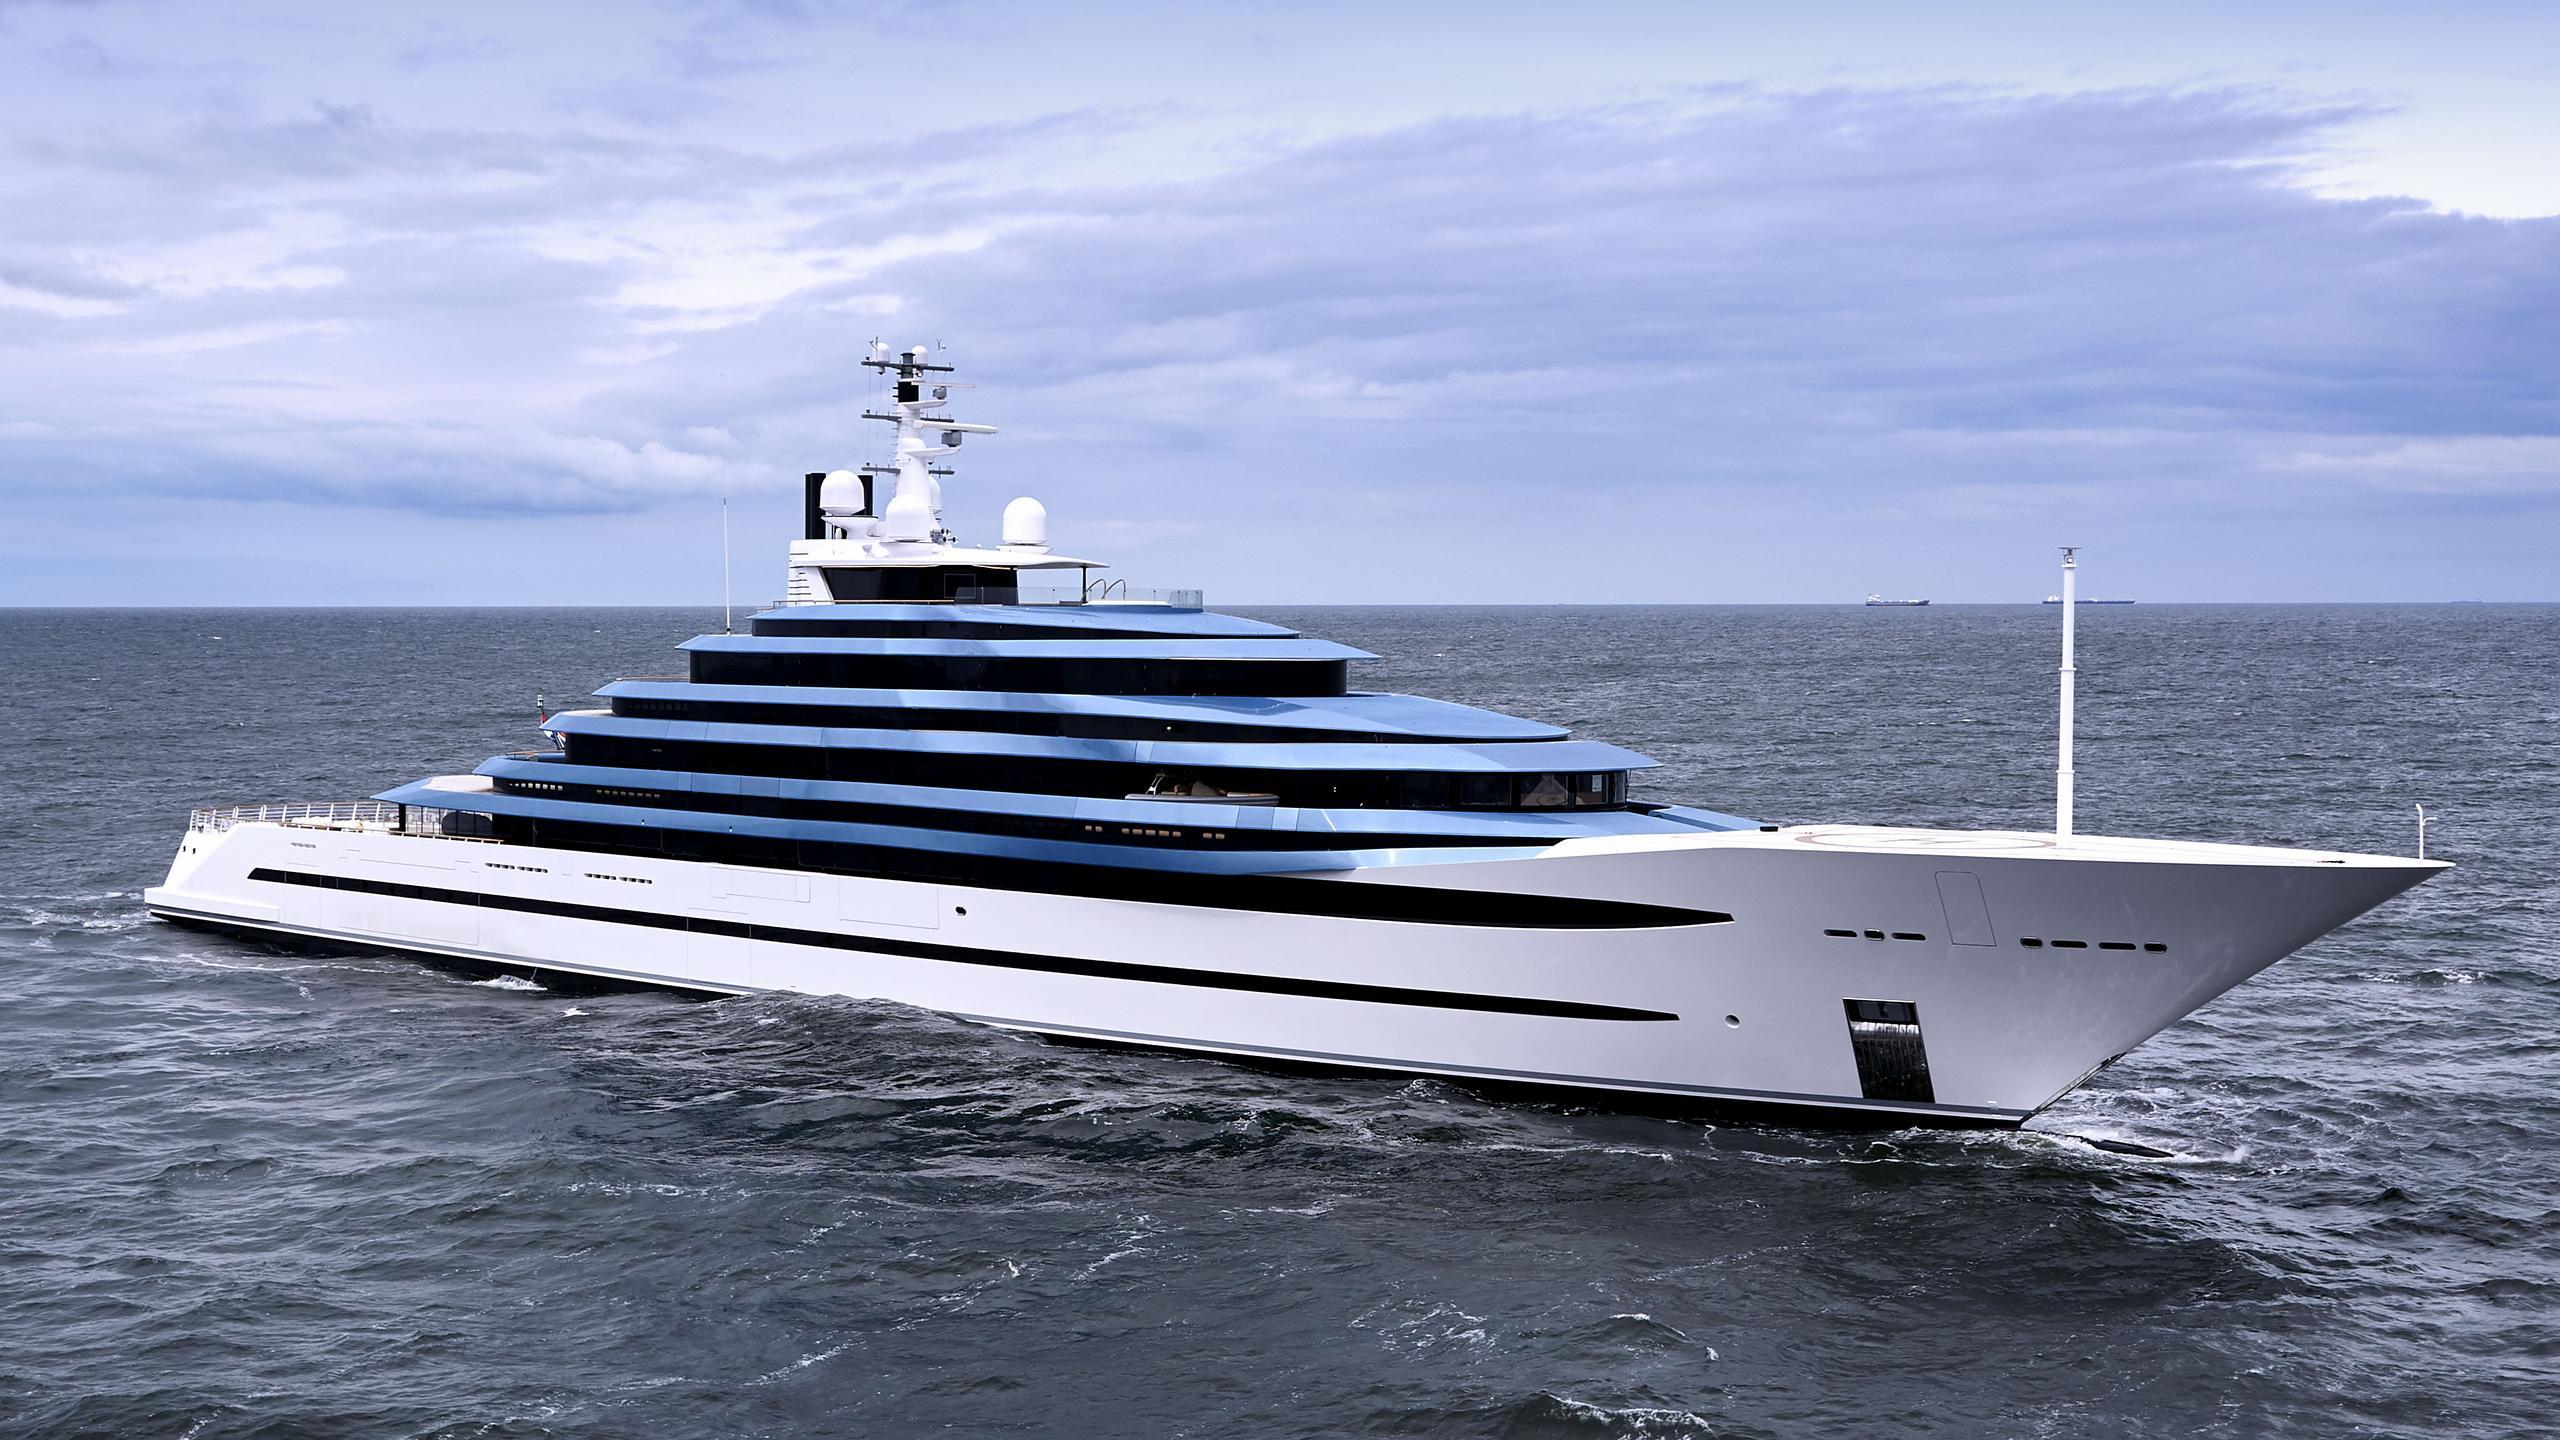 jubilee motoryacht oceanco y714 110m 2017 half profile